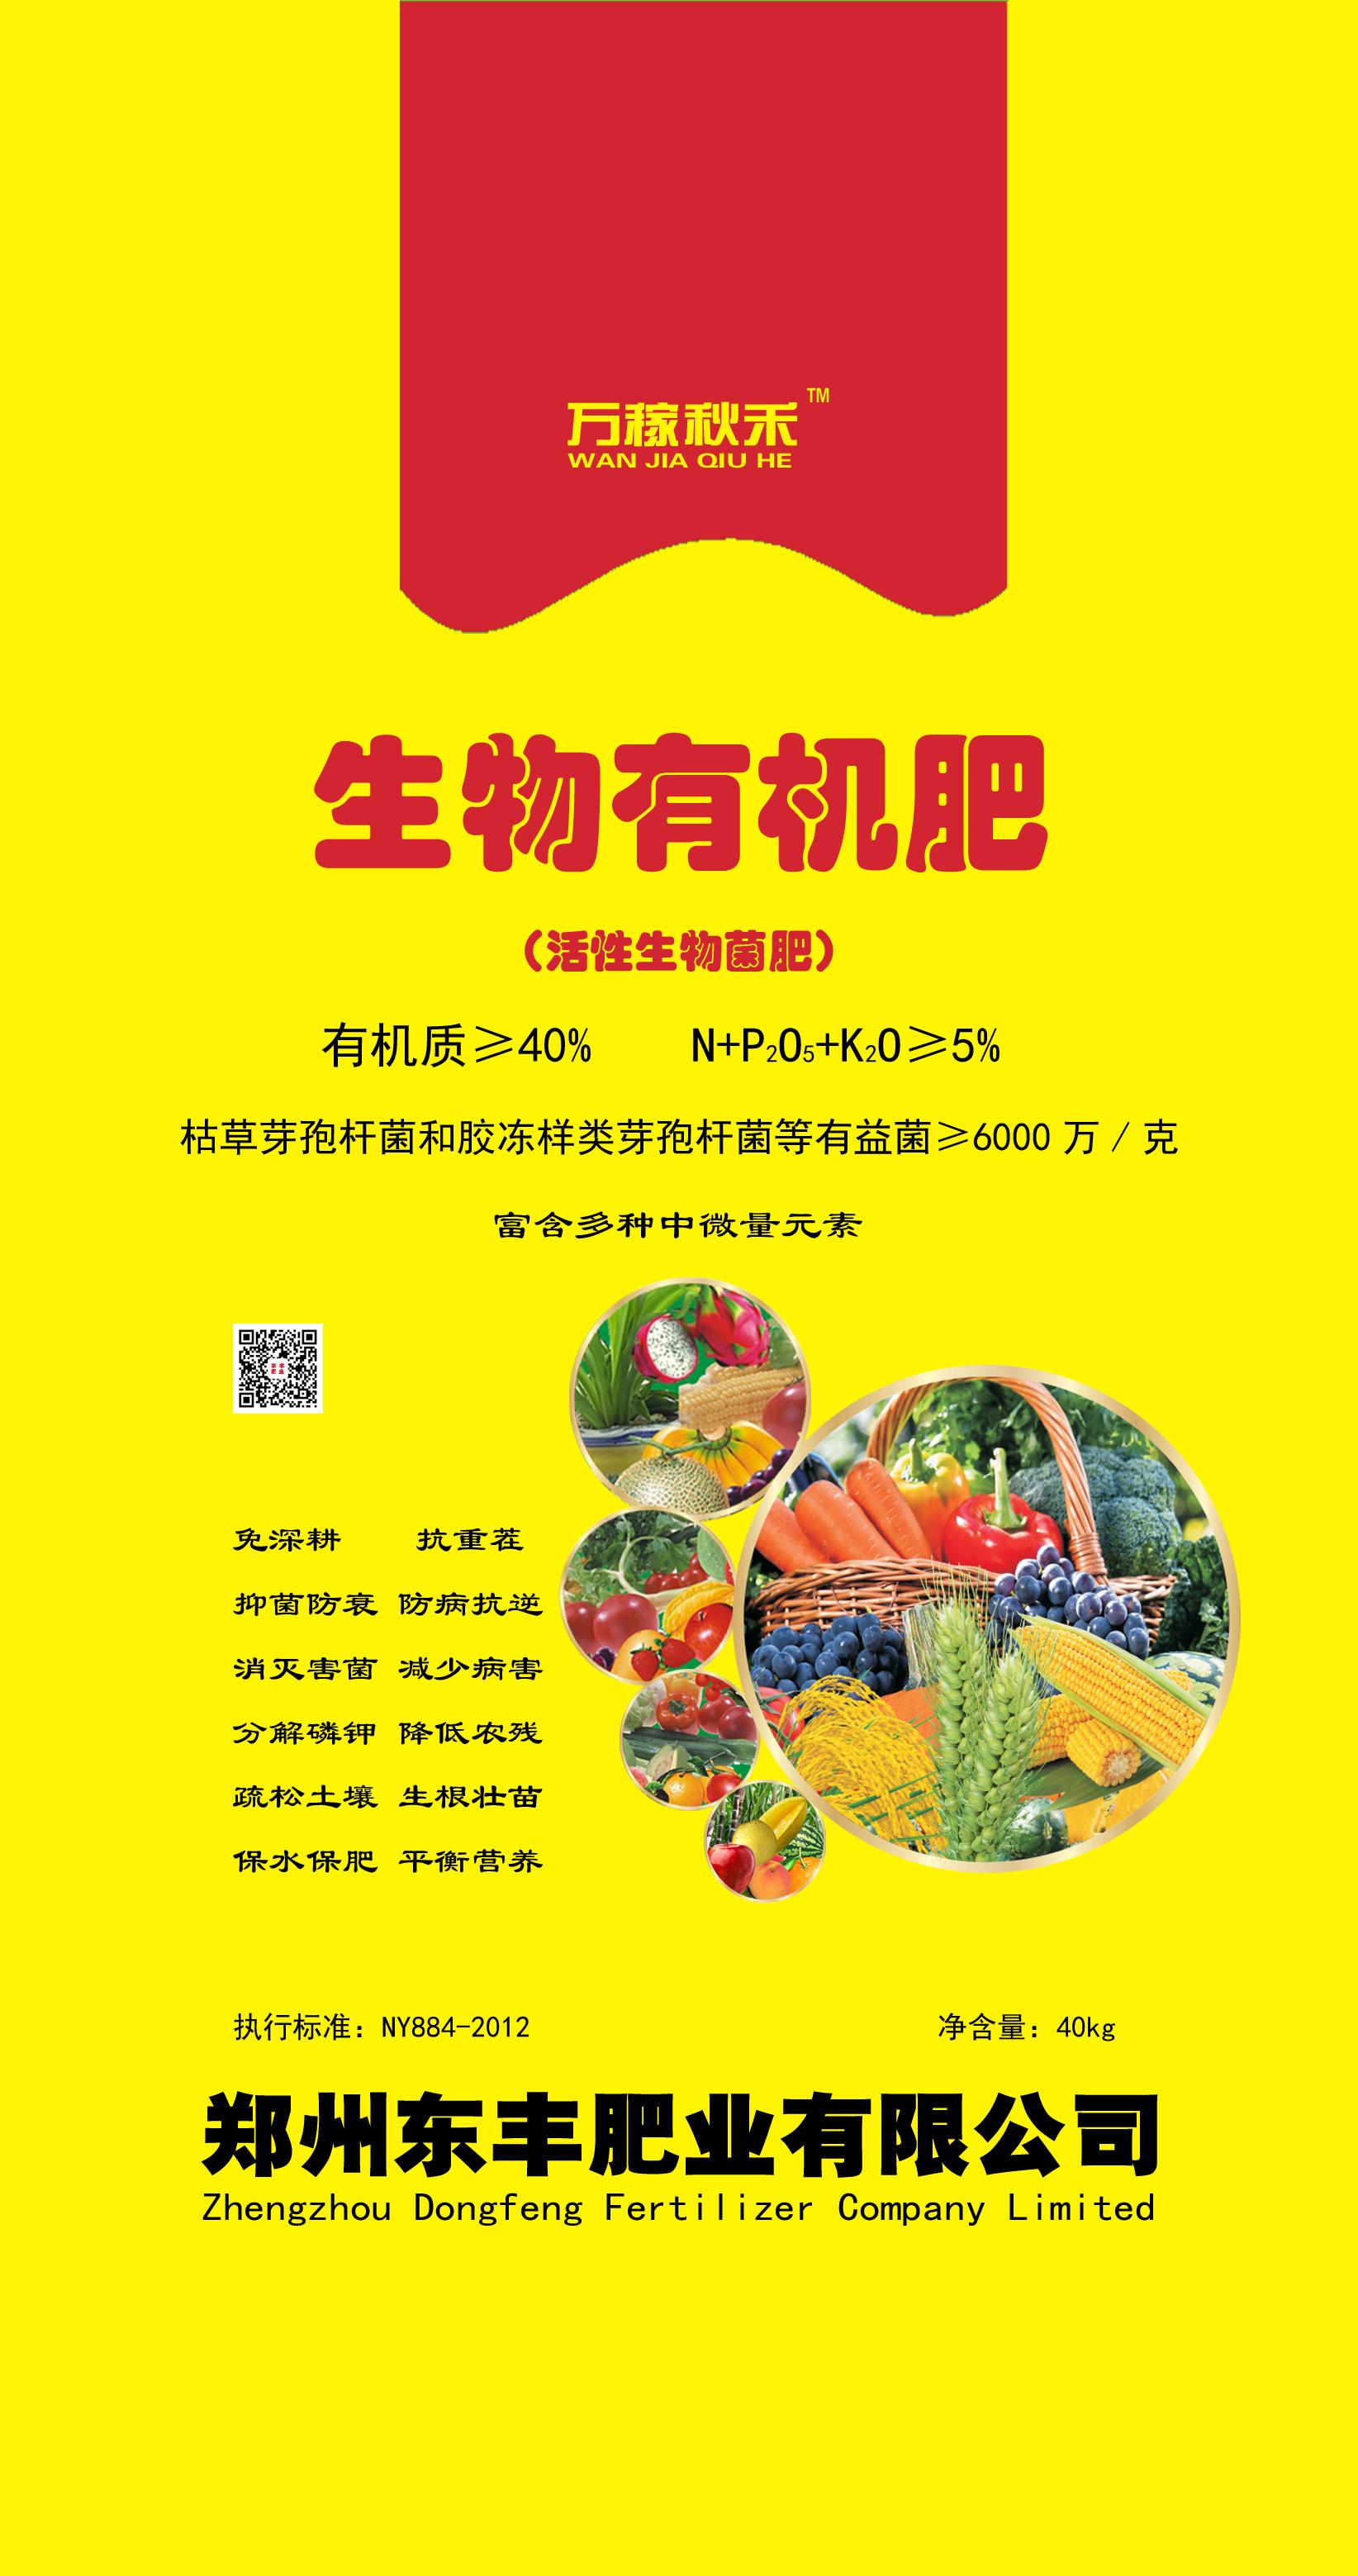 """土壤改良,多用""""万稼秋禾""""生物菌肥"""